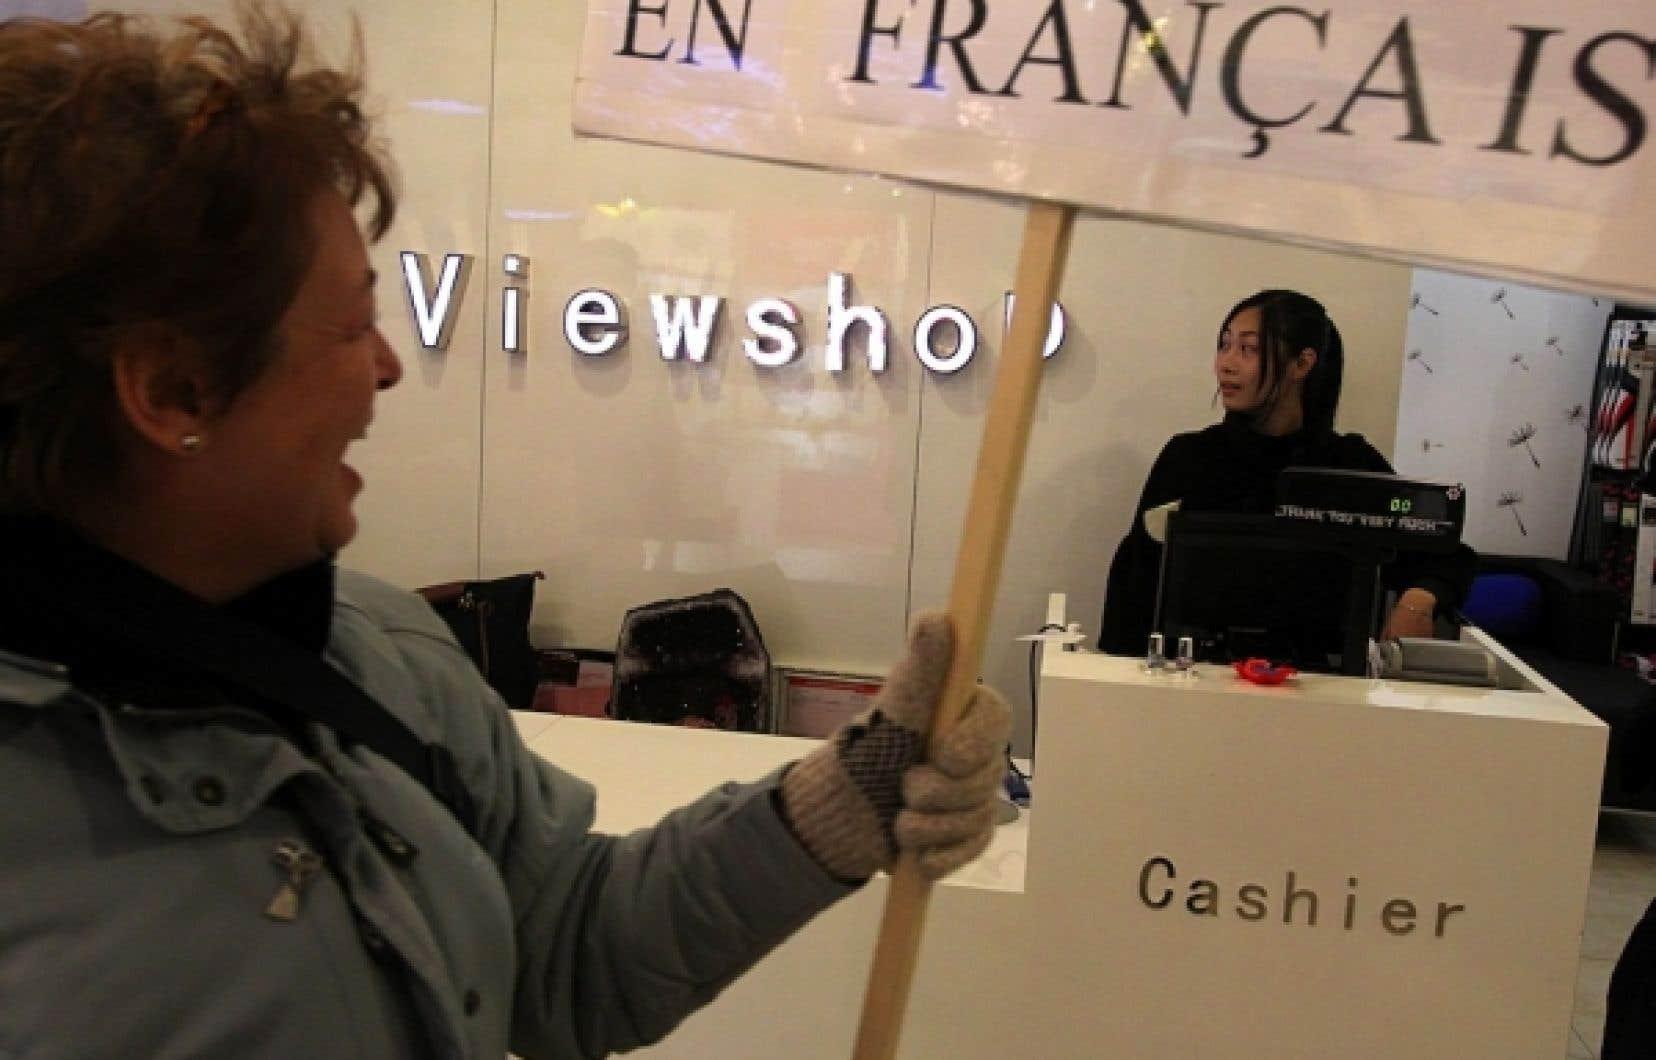 Entre 2010 et 2012, au centre-ville de Montréal, la proportion des commerces qui avaient accueilli les observateurs de l'OQLF en français a chuté de 89 à 74 %.